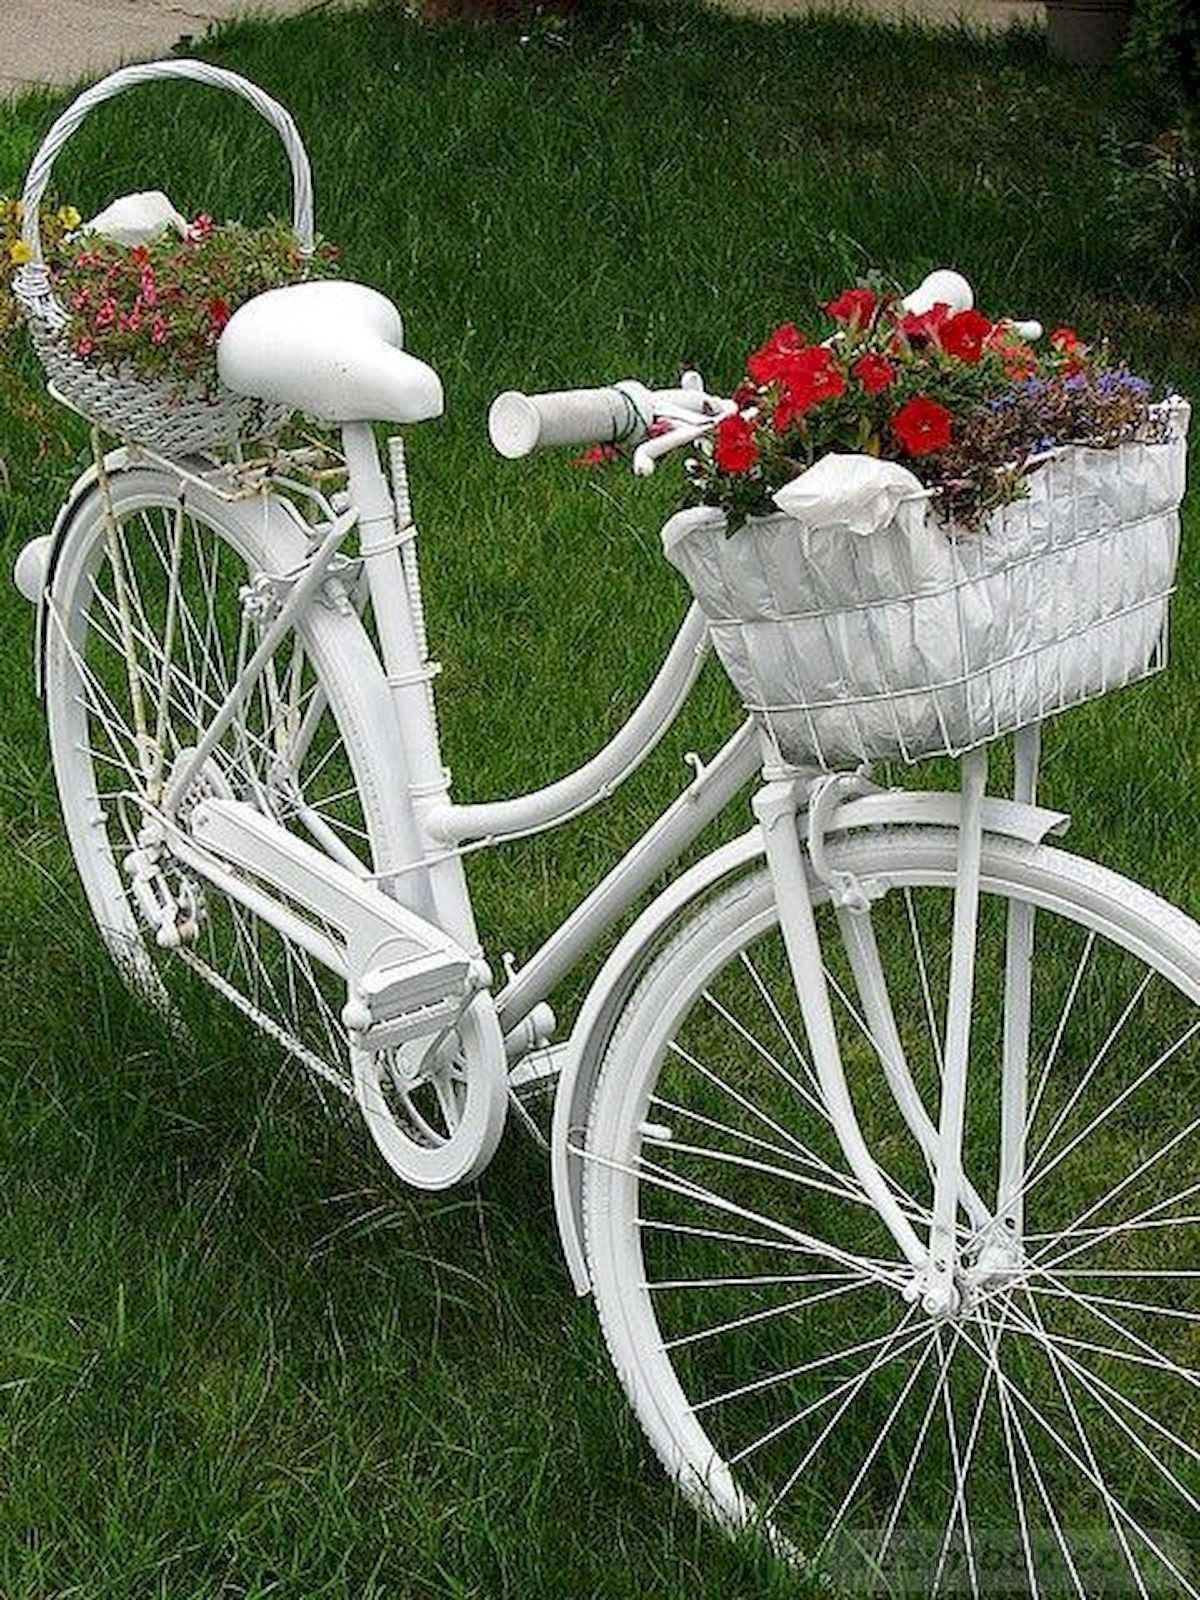 creative garden ideas-106327241188735550